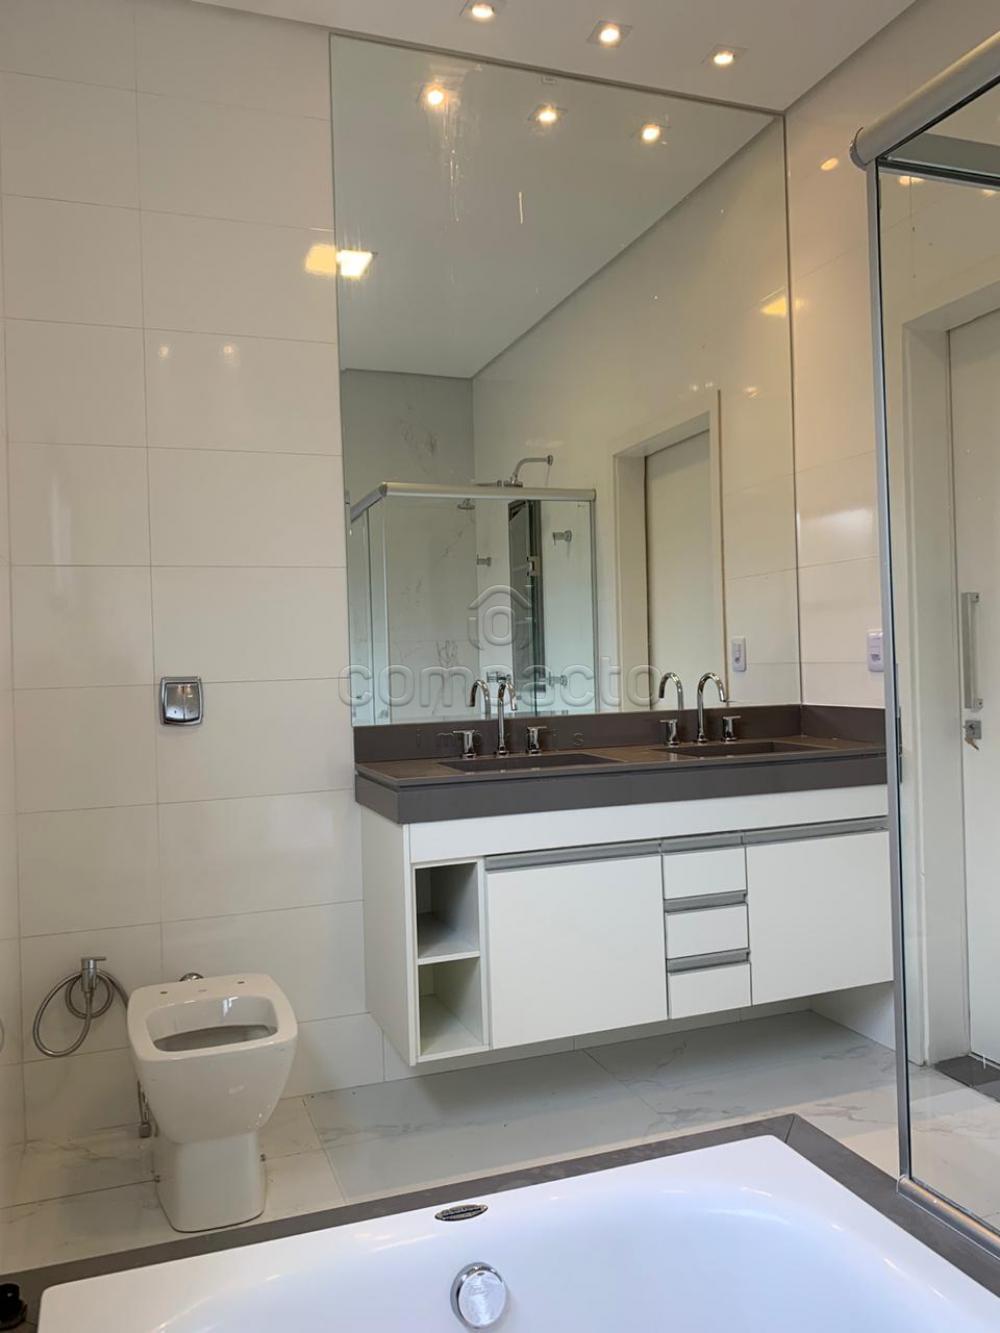 Comprar Casa / Condomínio em São José do Rio Preto apenas R$ 970.000,00 - Foto 9